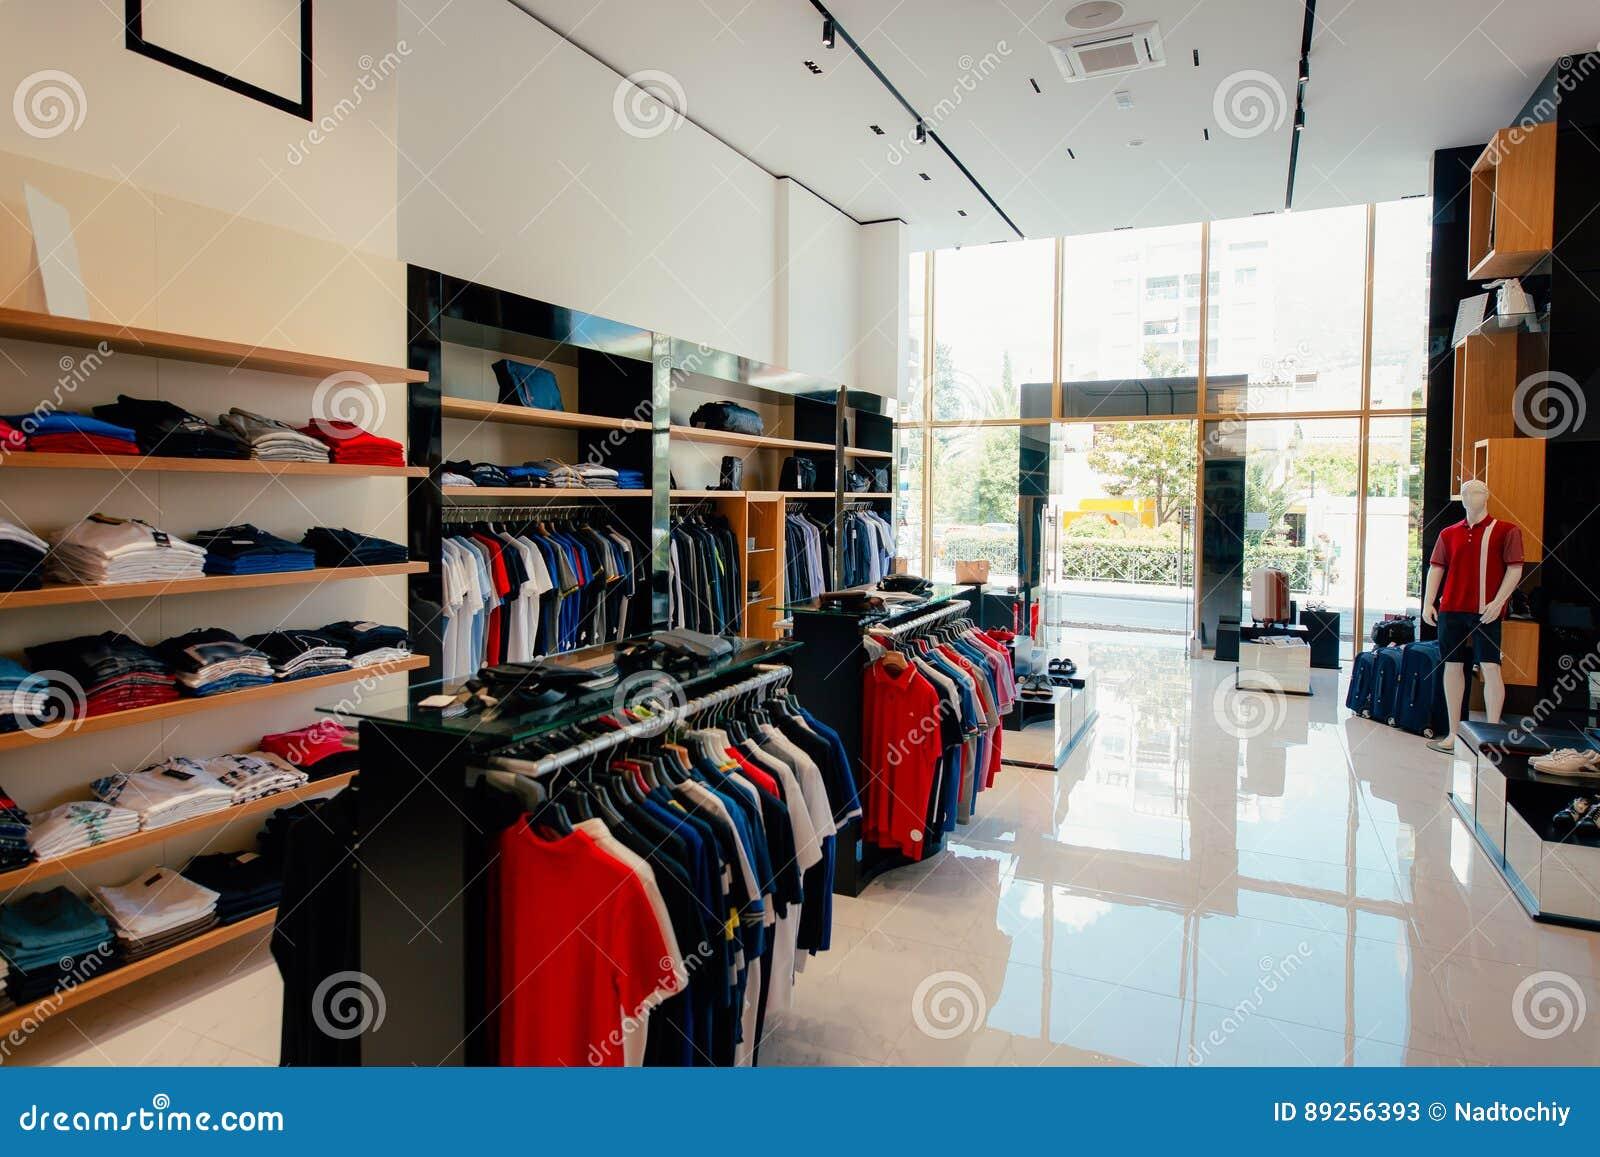 5b9a6184214f Interno di un negozio di vestiti Abbigliamento per gli uomini e le donne  sugli scaffali di negozio Negozio di vestiti dell estremità del corridoio di  ...